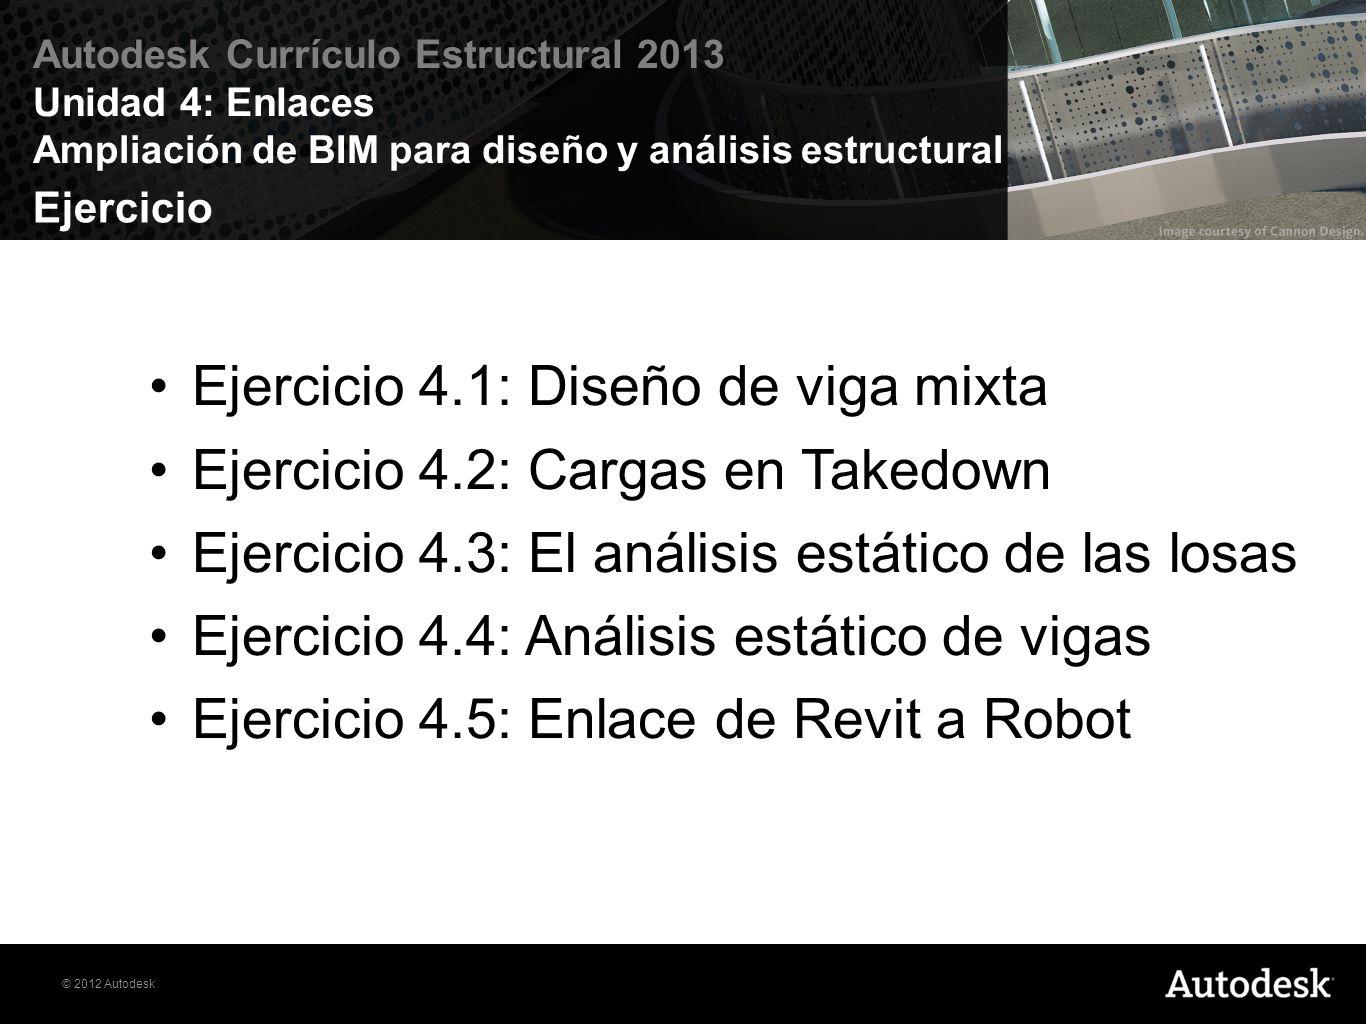 Ejercicio 4.1: Diseño de viga mixta Ejercicio 4.2: Cargas en Takedown